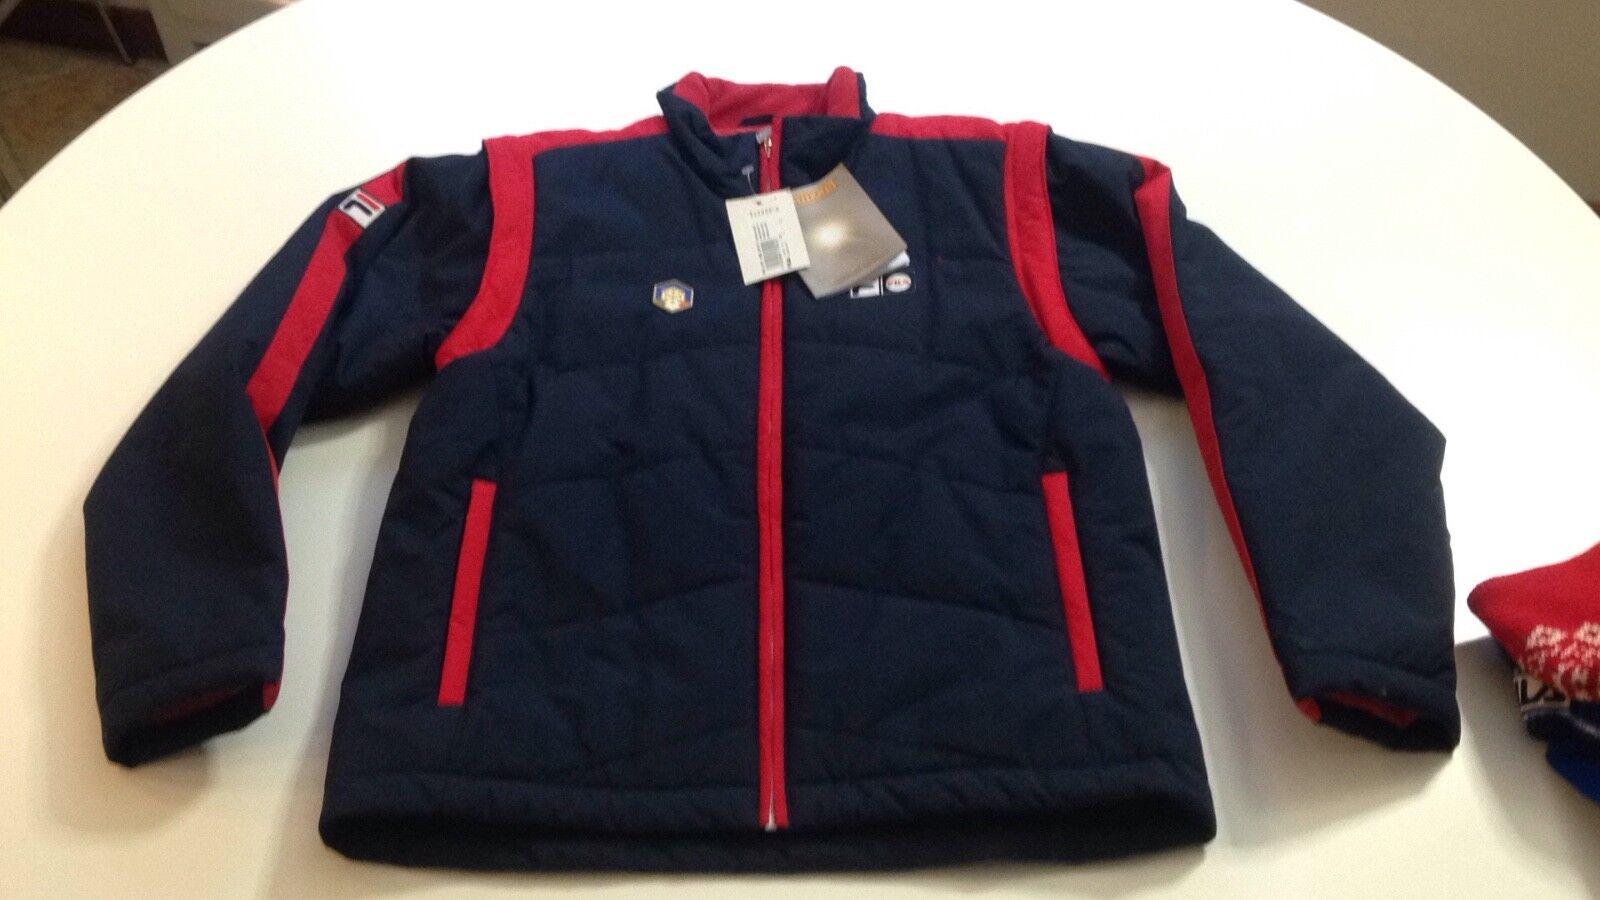 FILA nazionale italiana sci giacca con maniche staccabili.per uomo Tg L